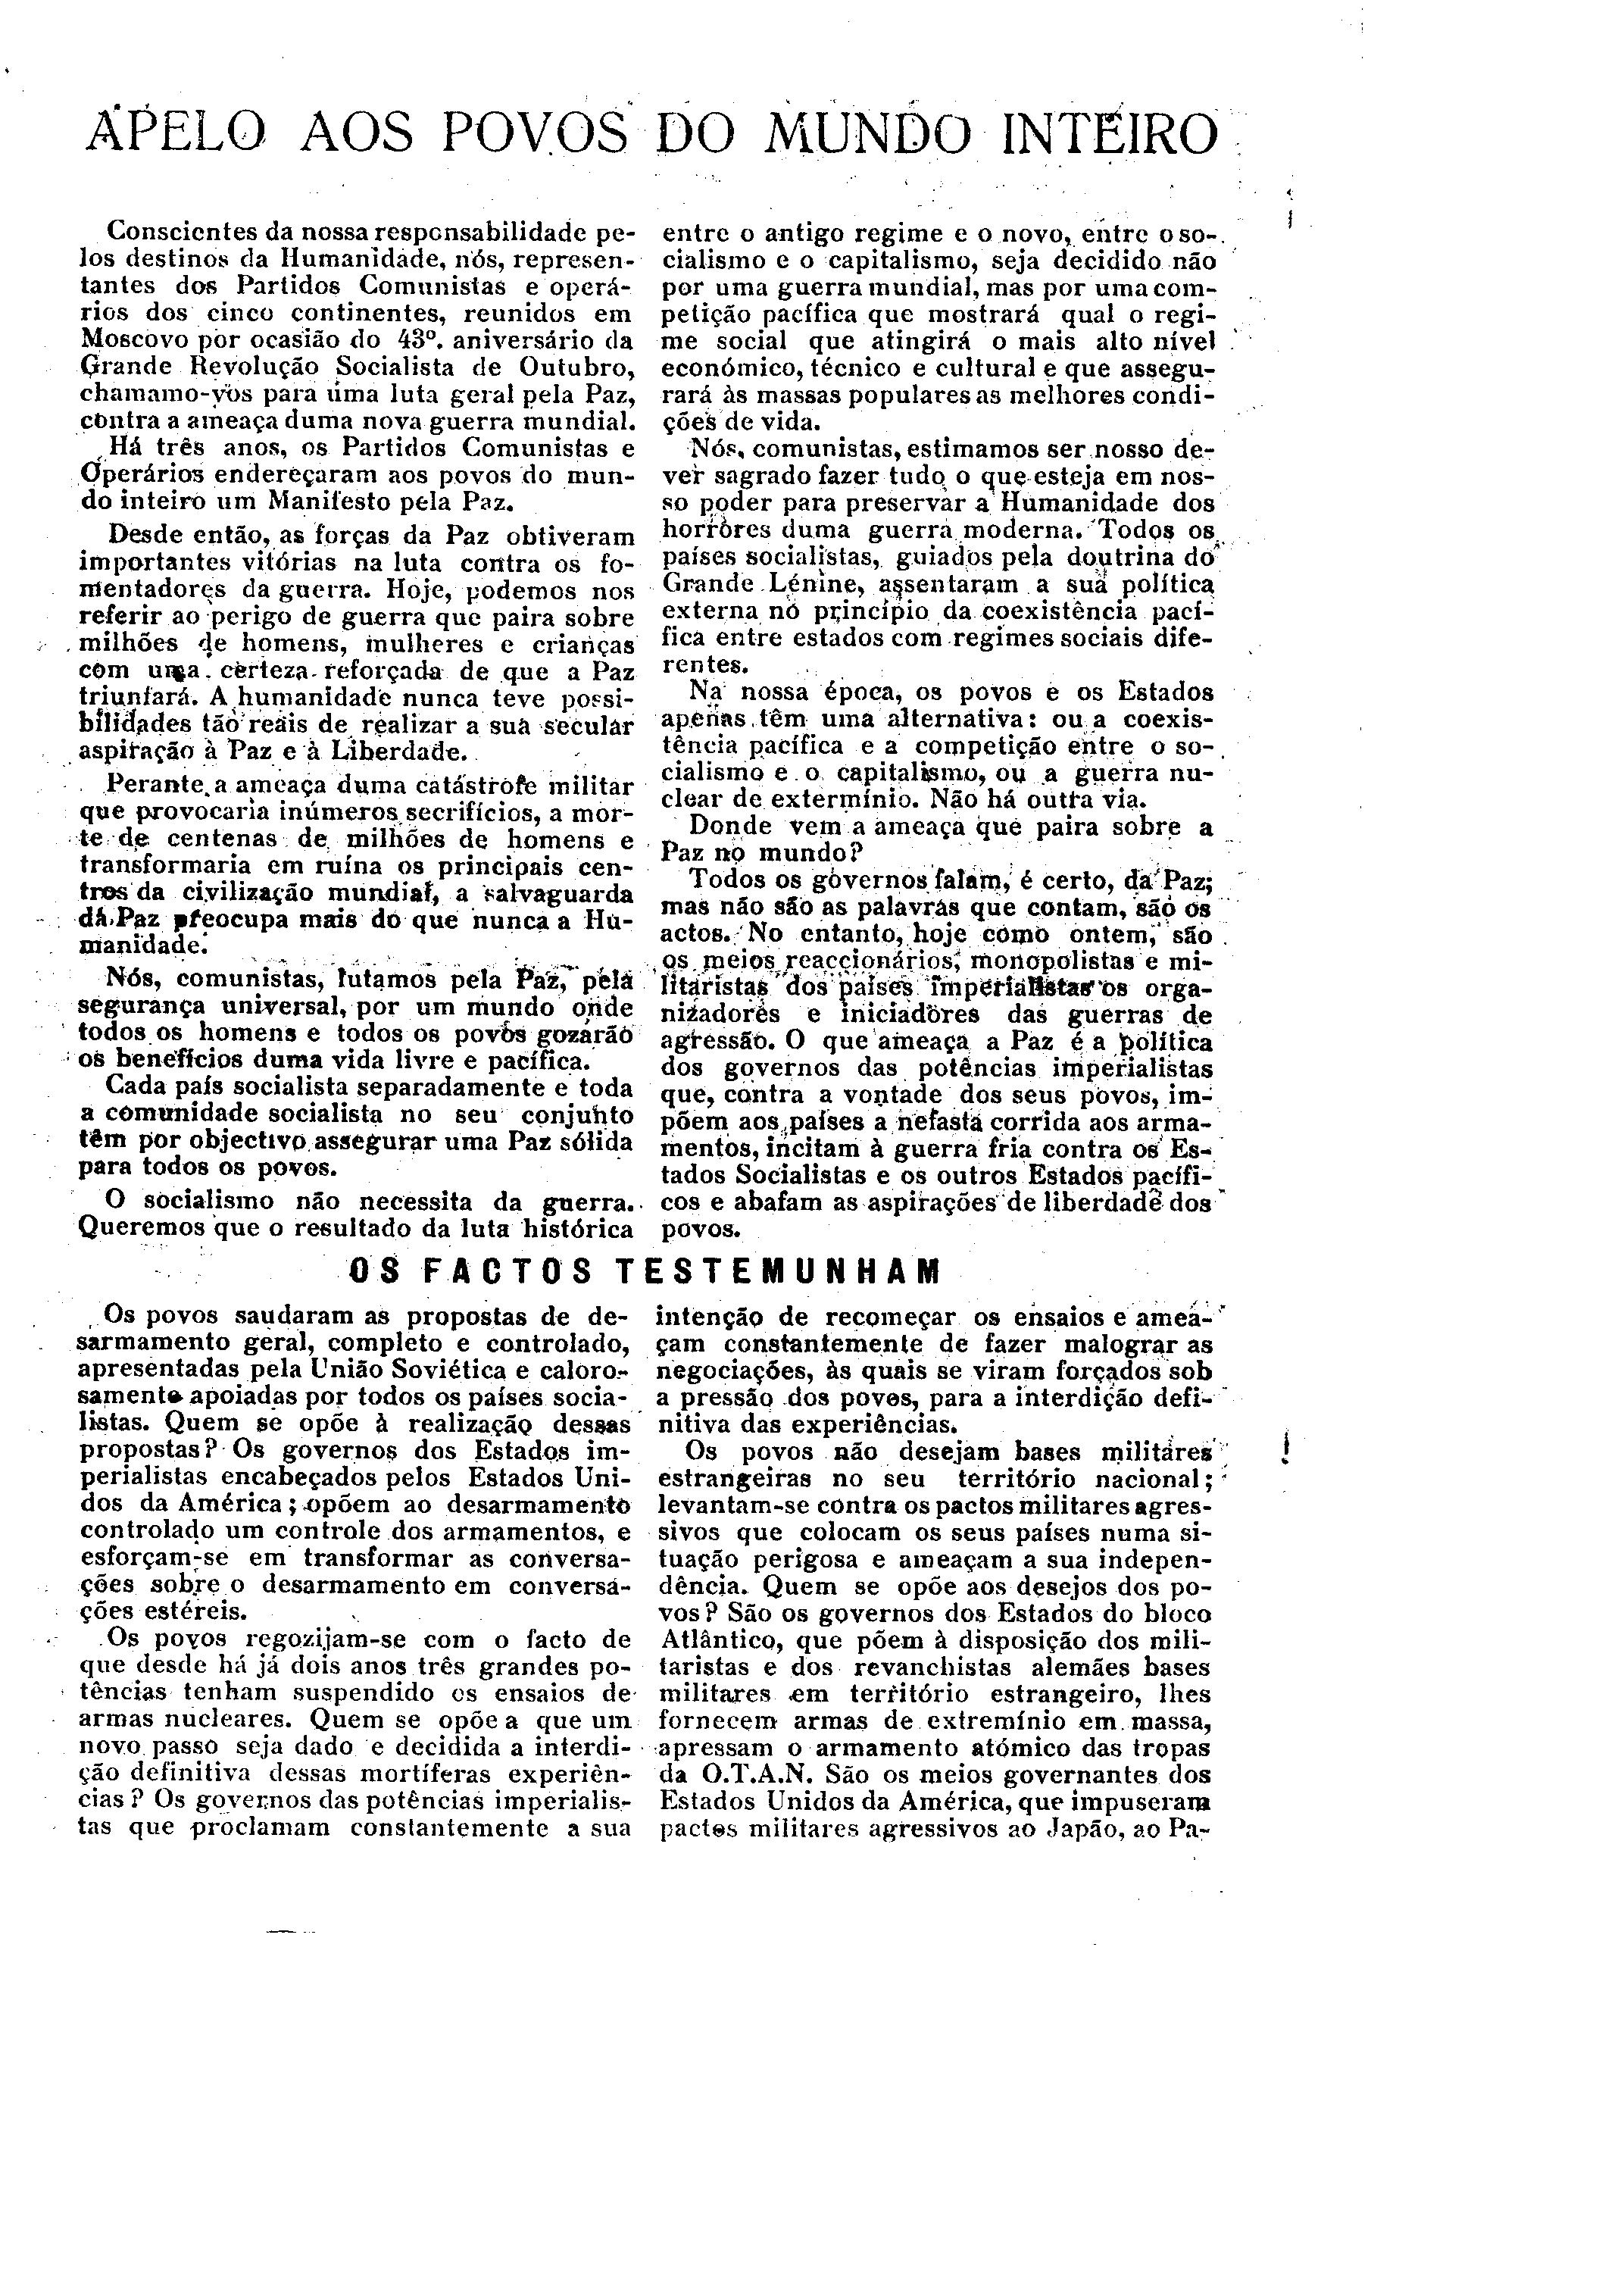 02595.041- pag.1